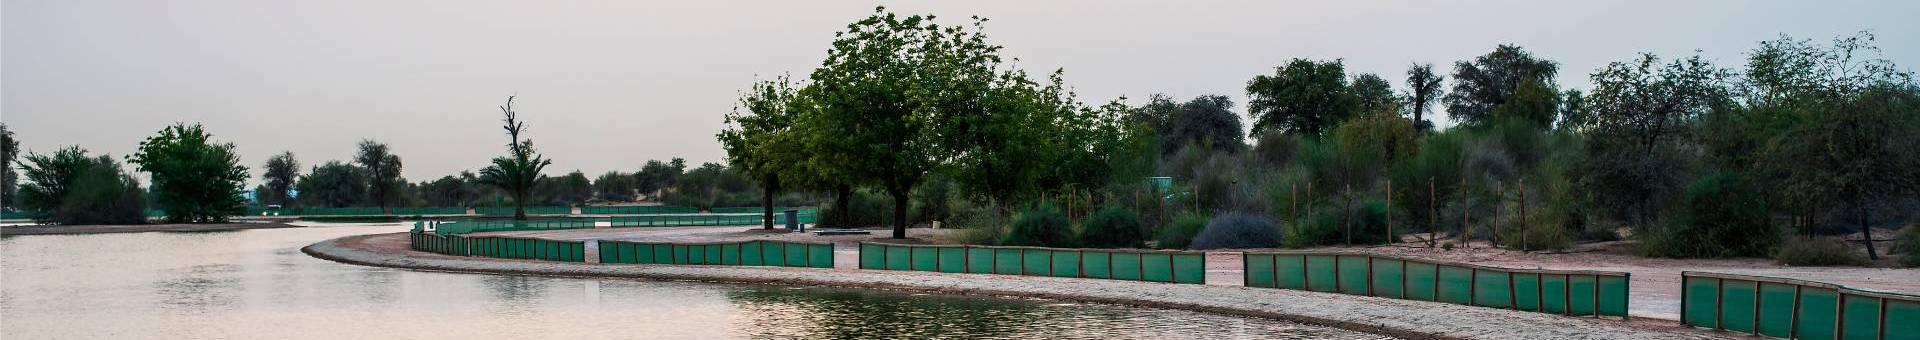 al qudra lakes